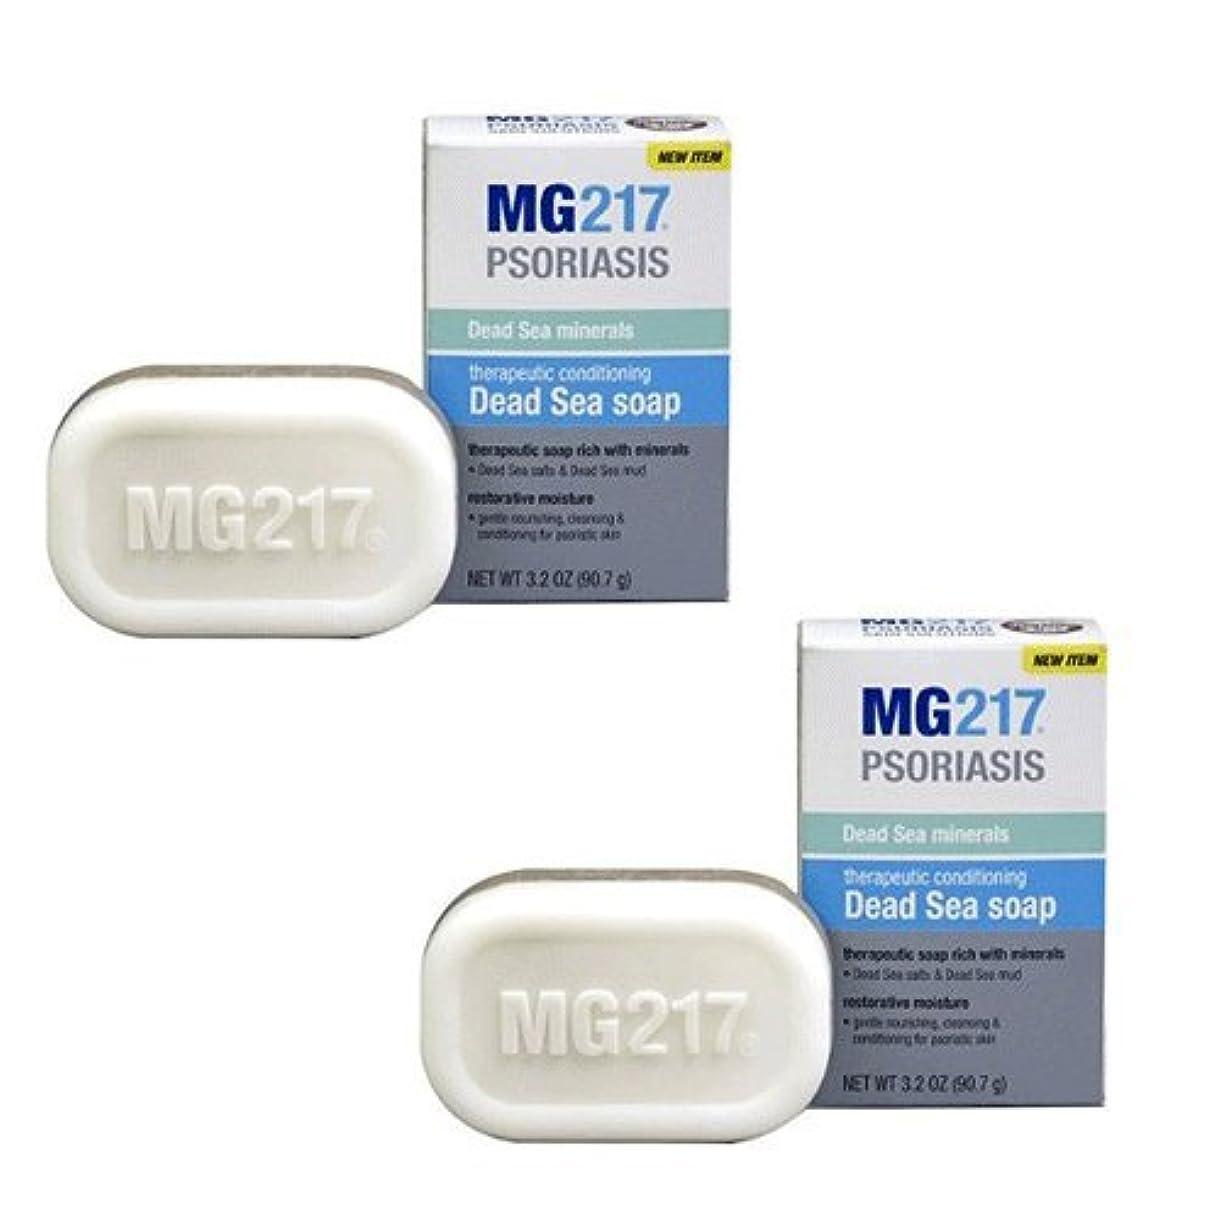 うまもろいトーク2個セット 死海の泥とミネラルたっぷり MG217ソープ 90g MG217 Psoriasis Therapeutic Conditioning Dead Sea Bar Soap